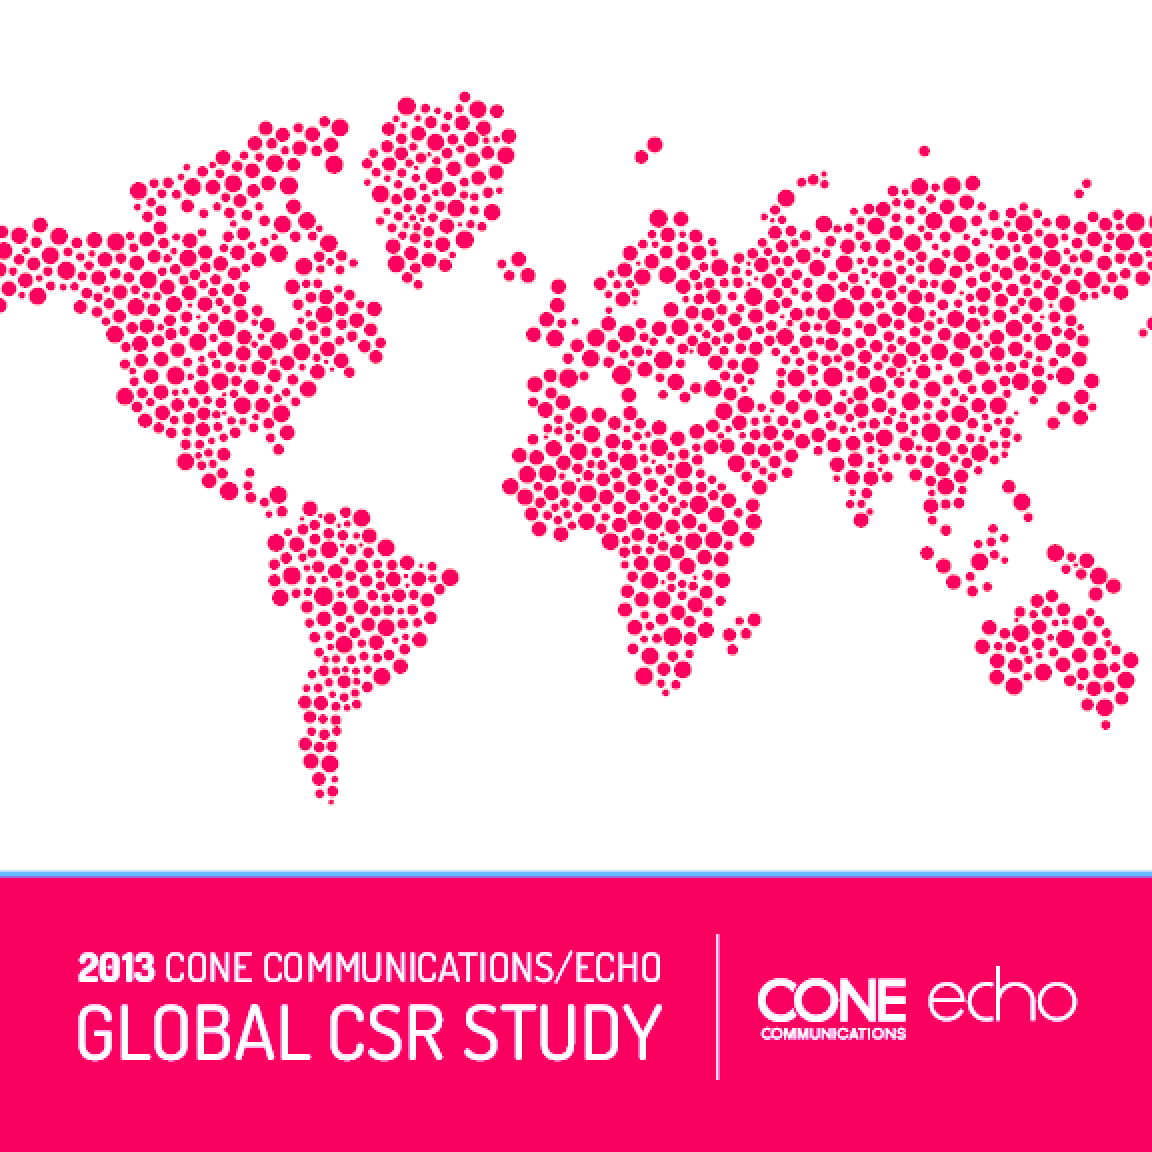 2013 Cone Communications/ Echo Global CSR Study